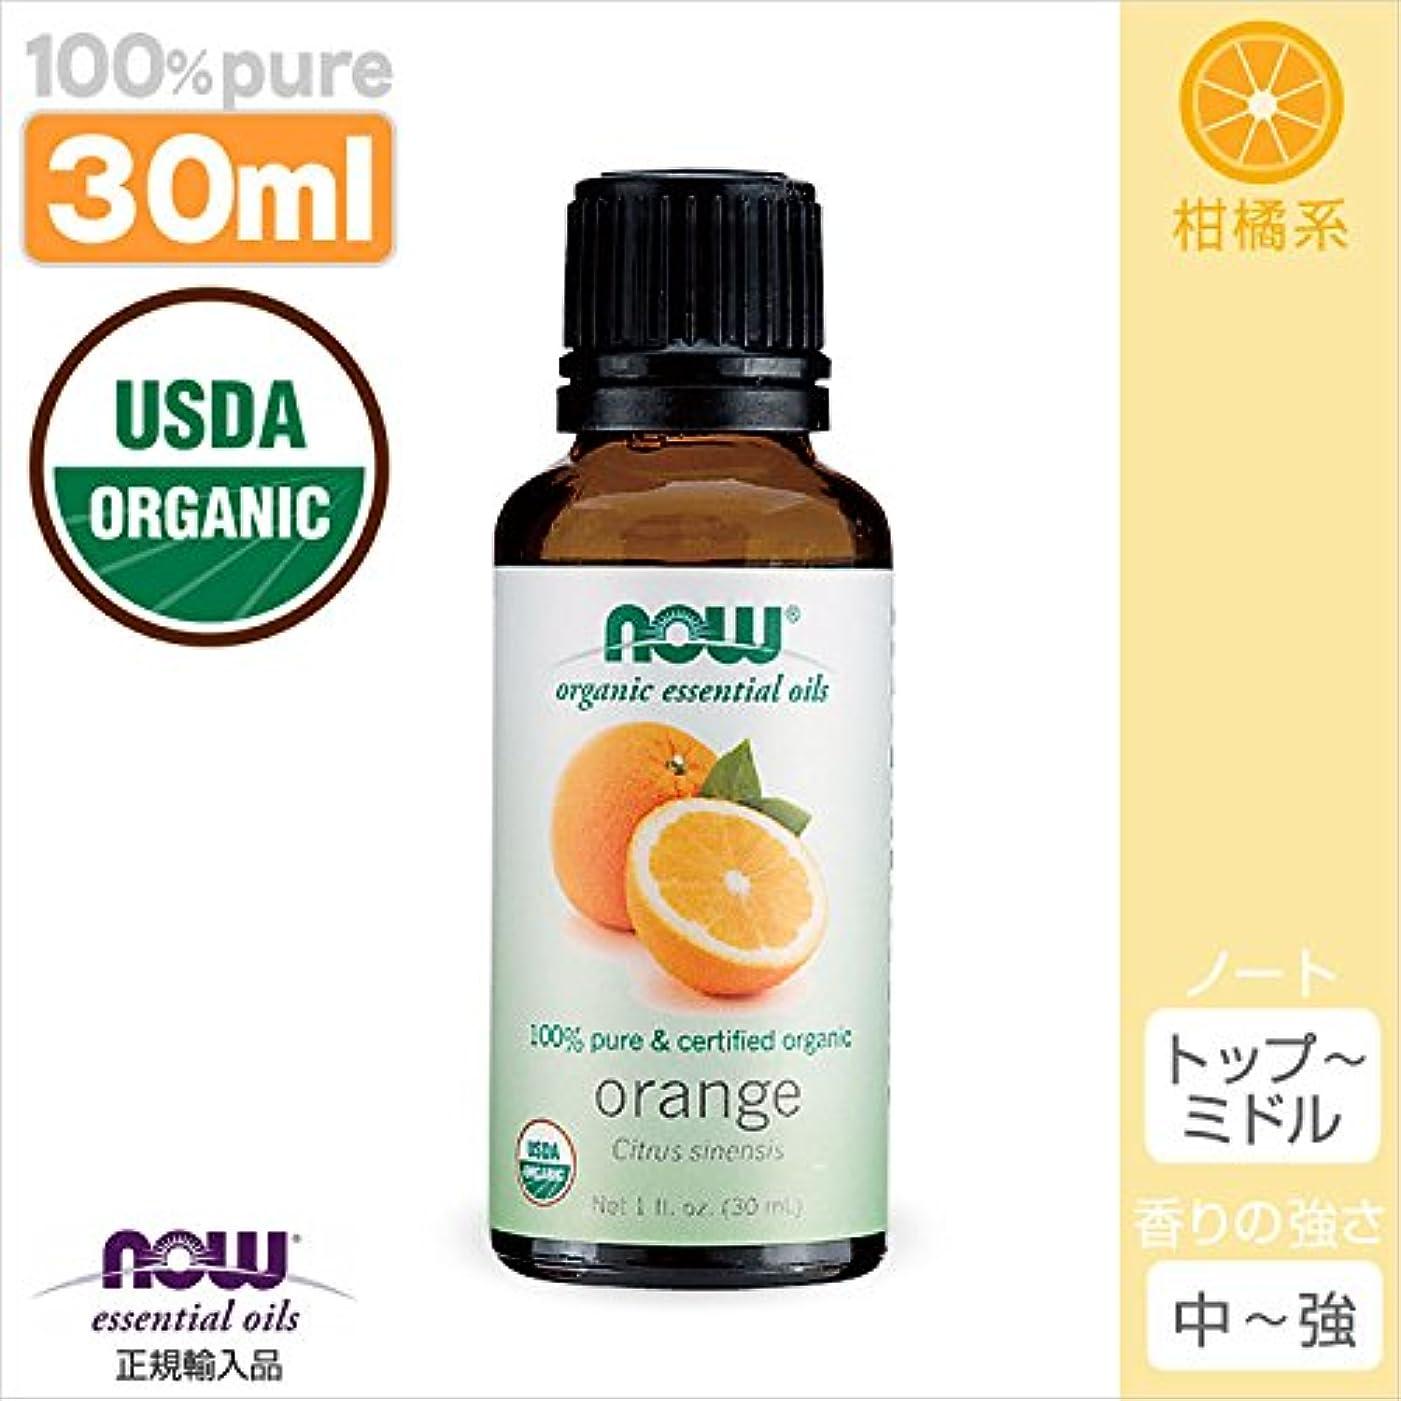 たまに後退するオデュッセウスオレンジ精油オーガニック[30ml] 【正規輸入品】 NOWエッセンシャルオイル(アロマオイル)